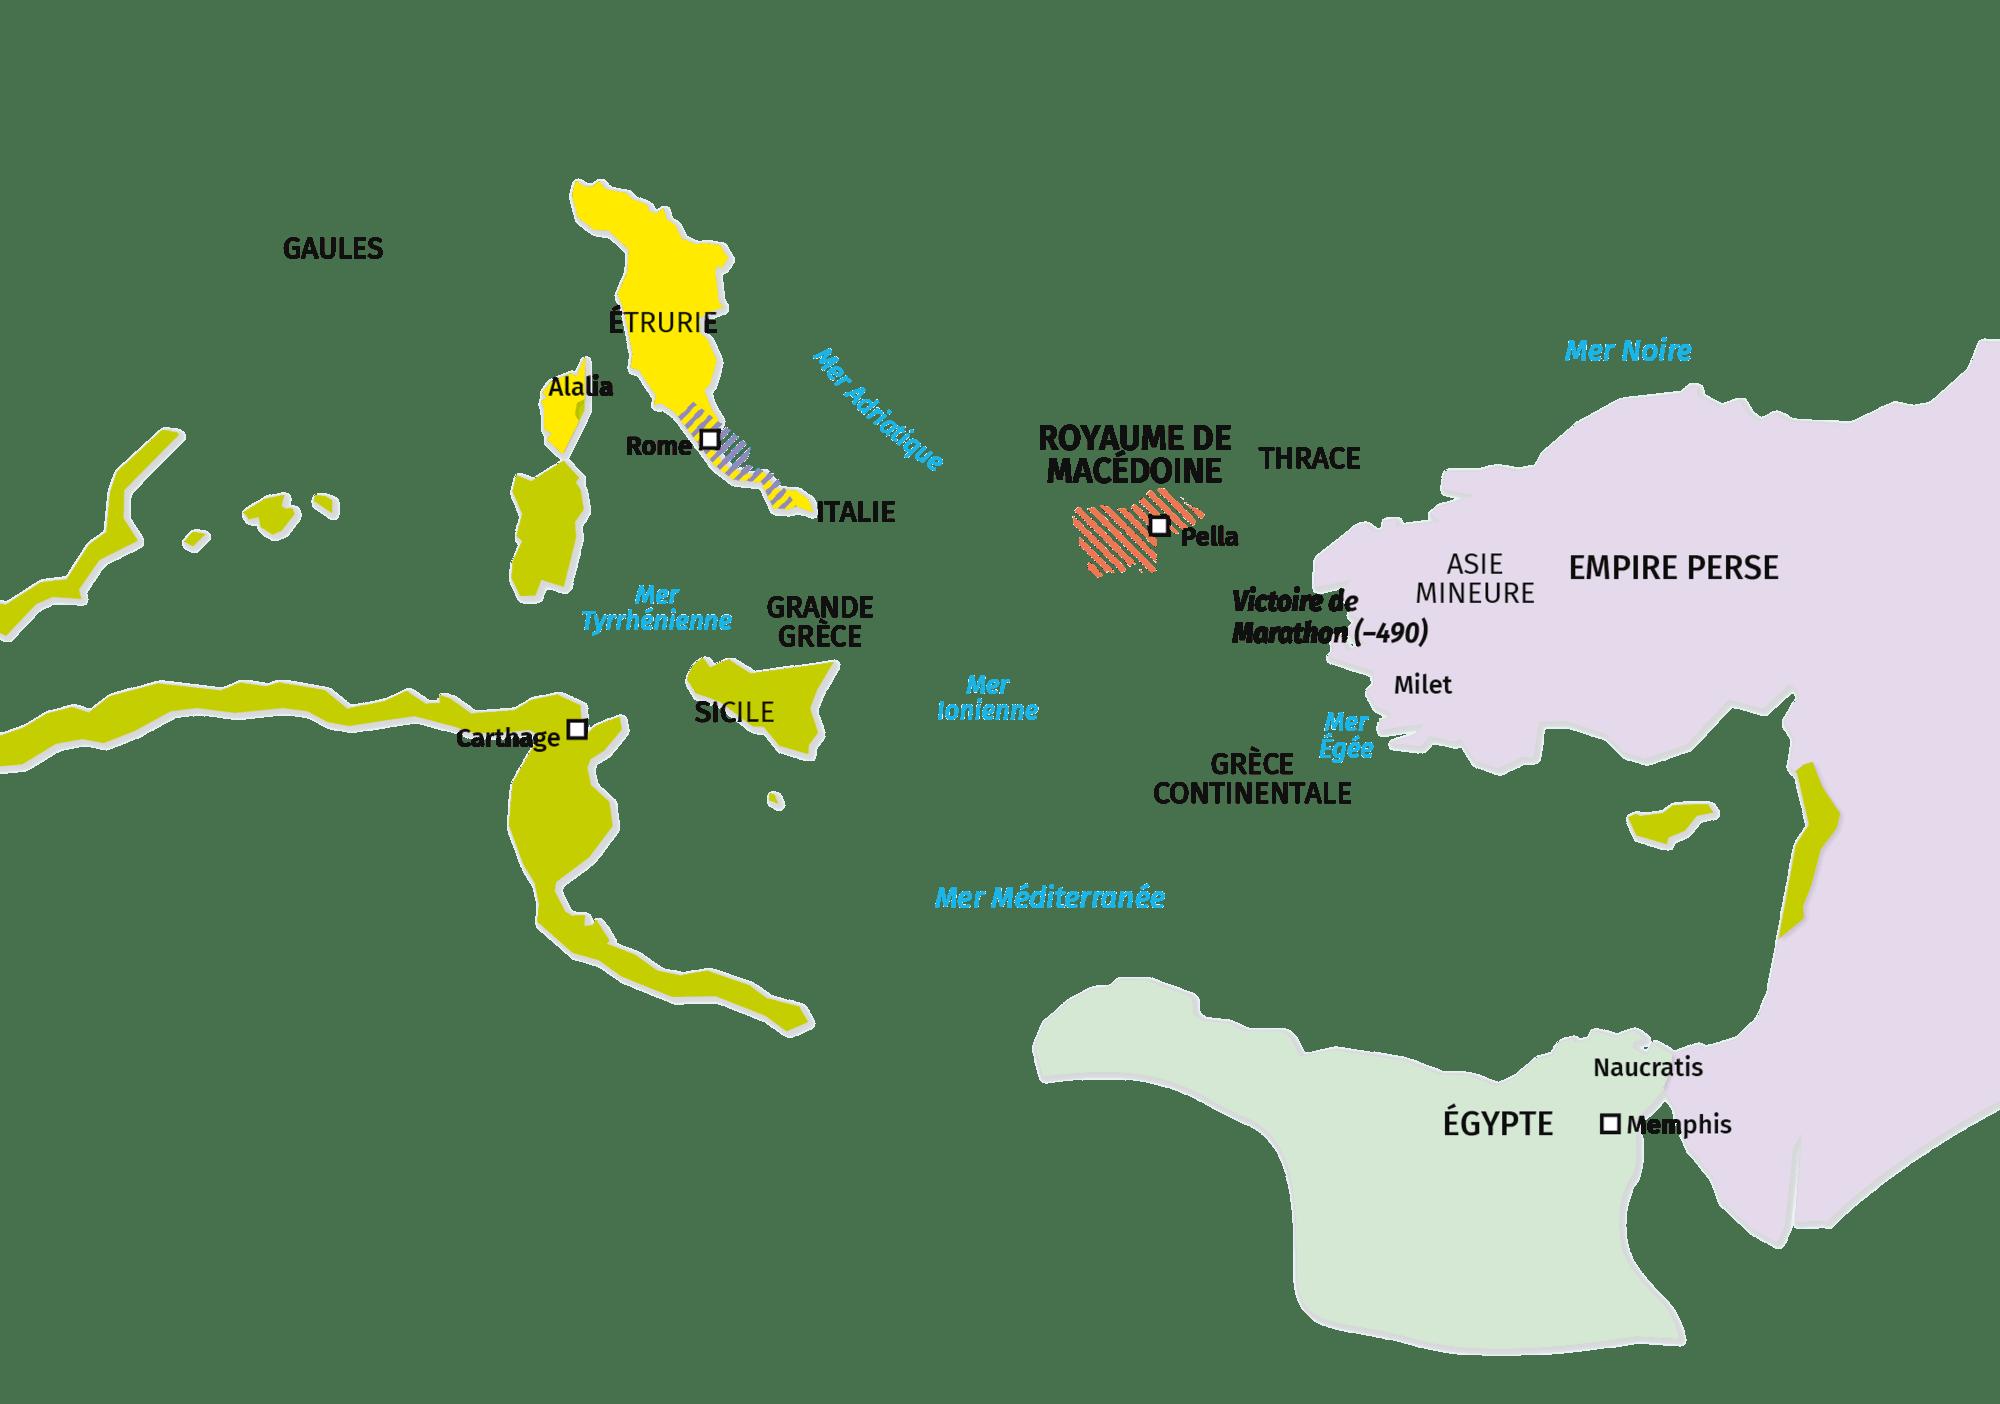 III. Les autres puissances méditerranéennes